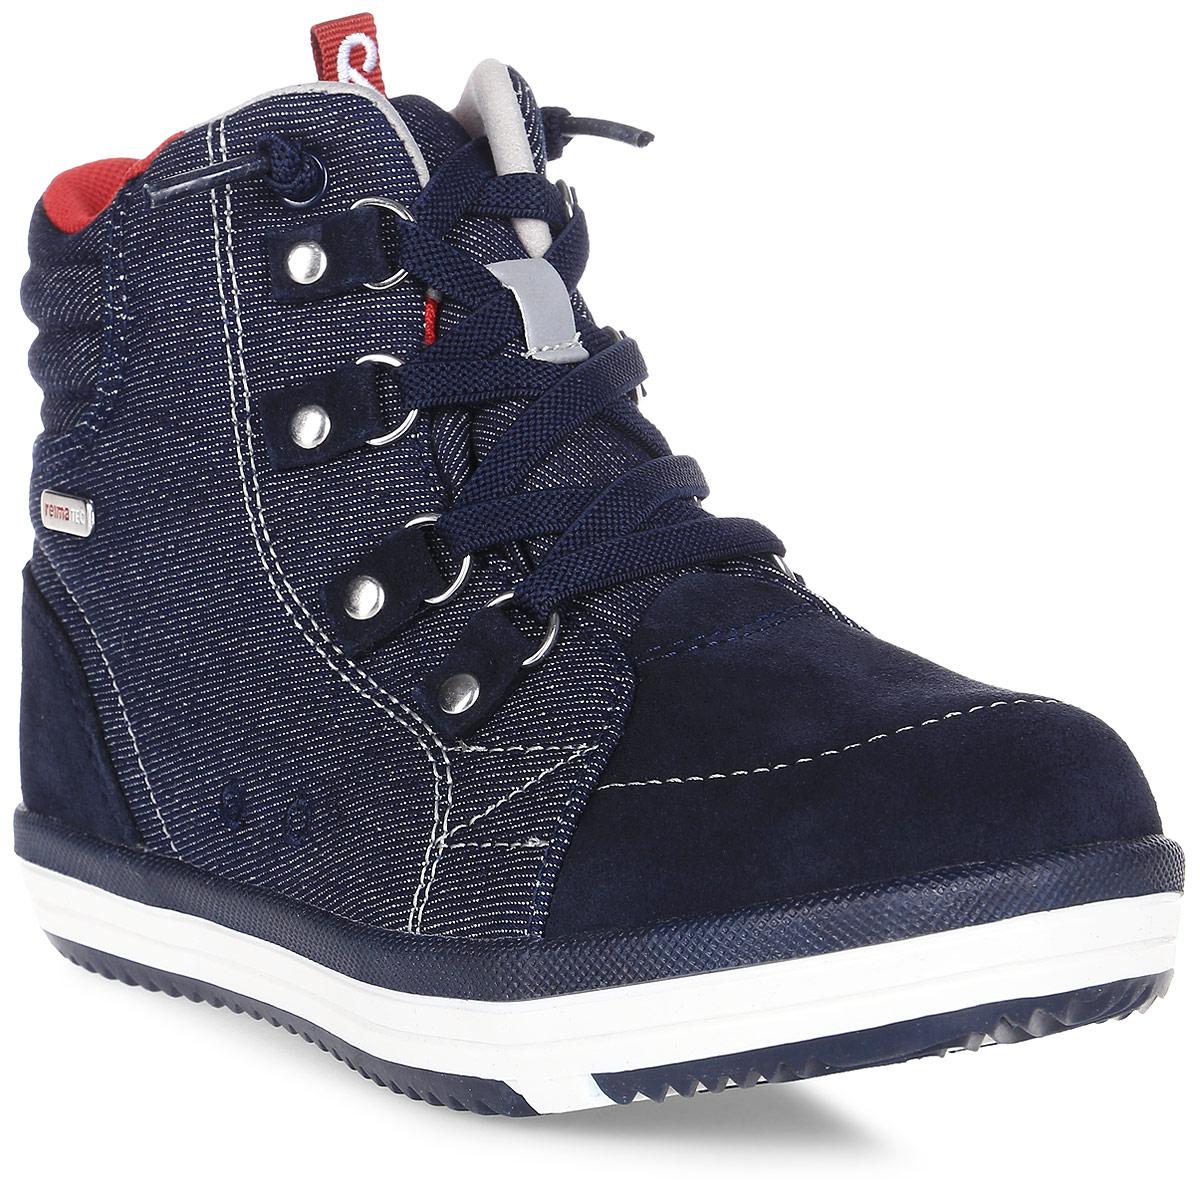 Ботинки детские Reima Wetter Jeans, цвет: синий. 5693216980. Размер 375693216980Детские ботинки Reima Wetter Jeans полностью непромокаемые, станут отличным вариантом как для прогулок по городу, так и для веселых игр на улице. Верхняя часть изготовлена из гибкого полиамида, носовая и задняя части усилены замшей из коровьей кожи. Обувь снабжена уникальными съемными стельками Reima с принтом Happy Fit, которые помогают правильно определить размер.